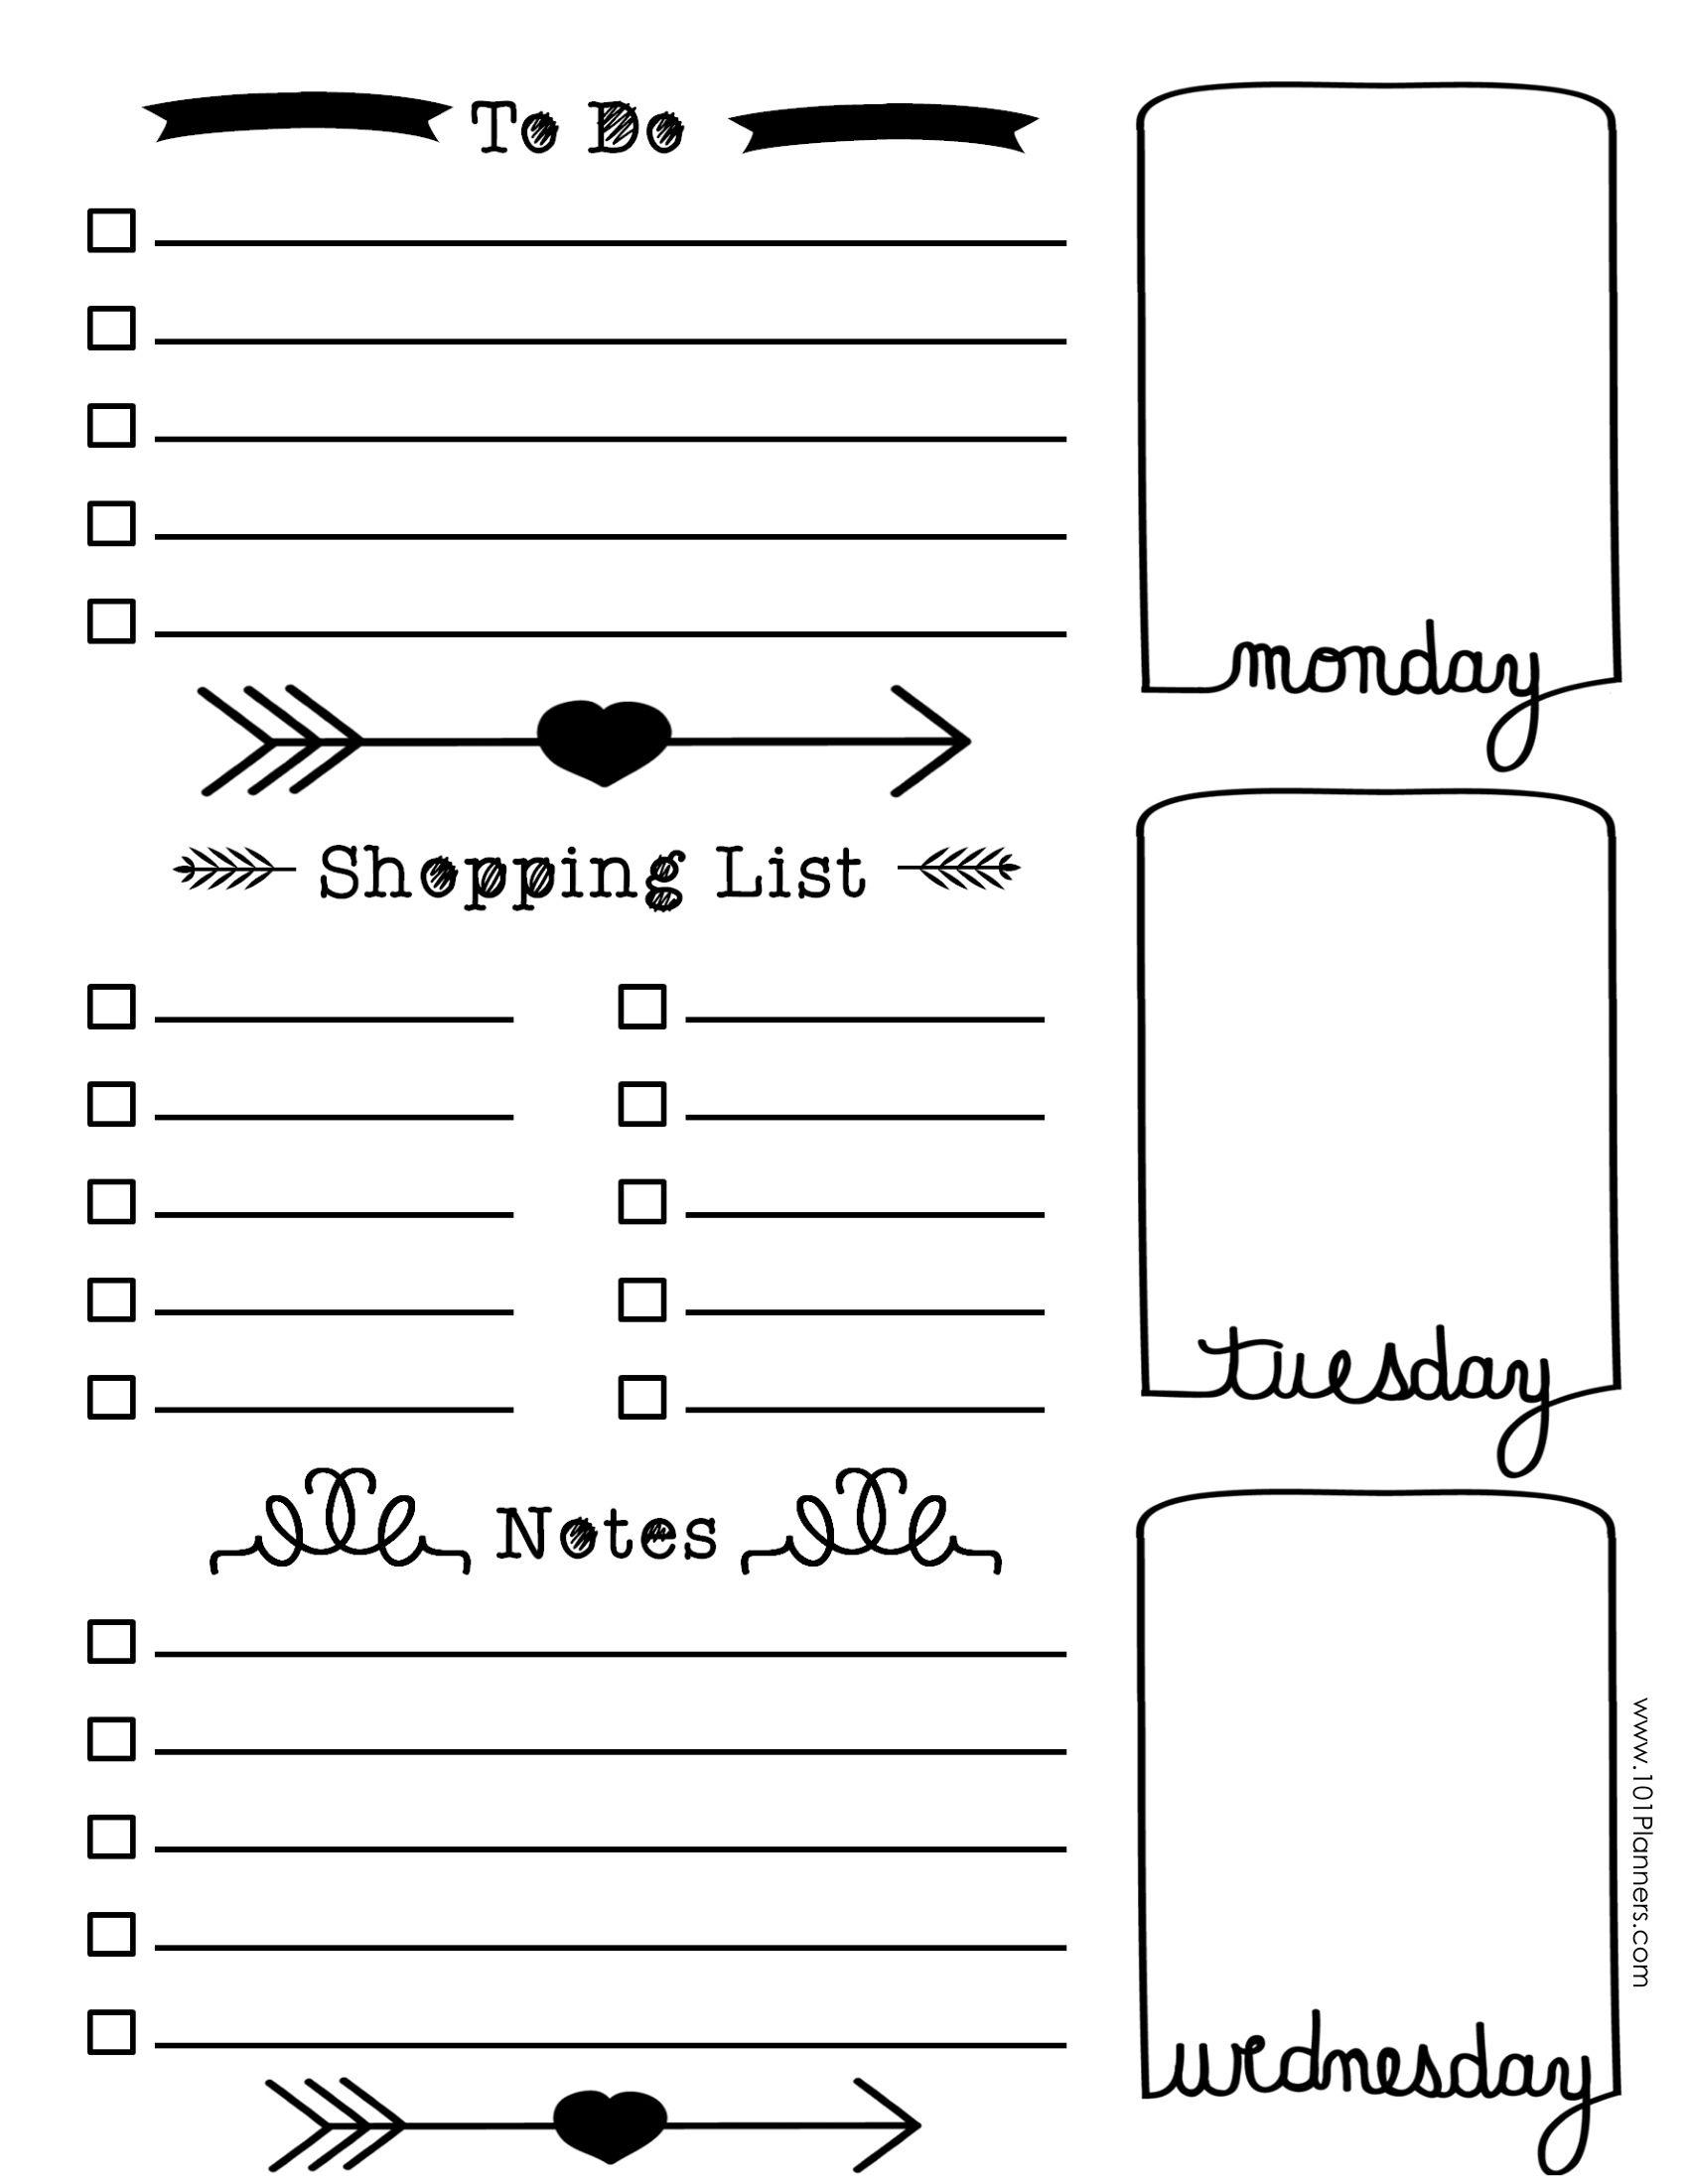 Pinamanda Mccarthy On Bullet Journaling! | Bullet Journal Layout - Free Printable Journal Templates